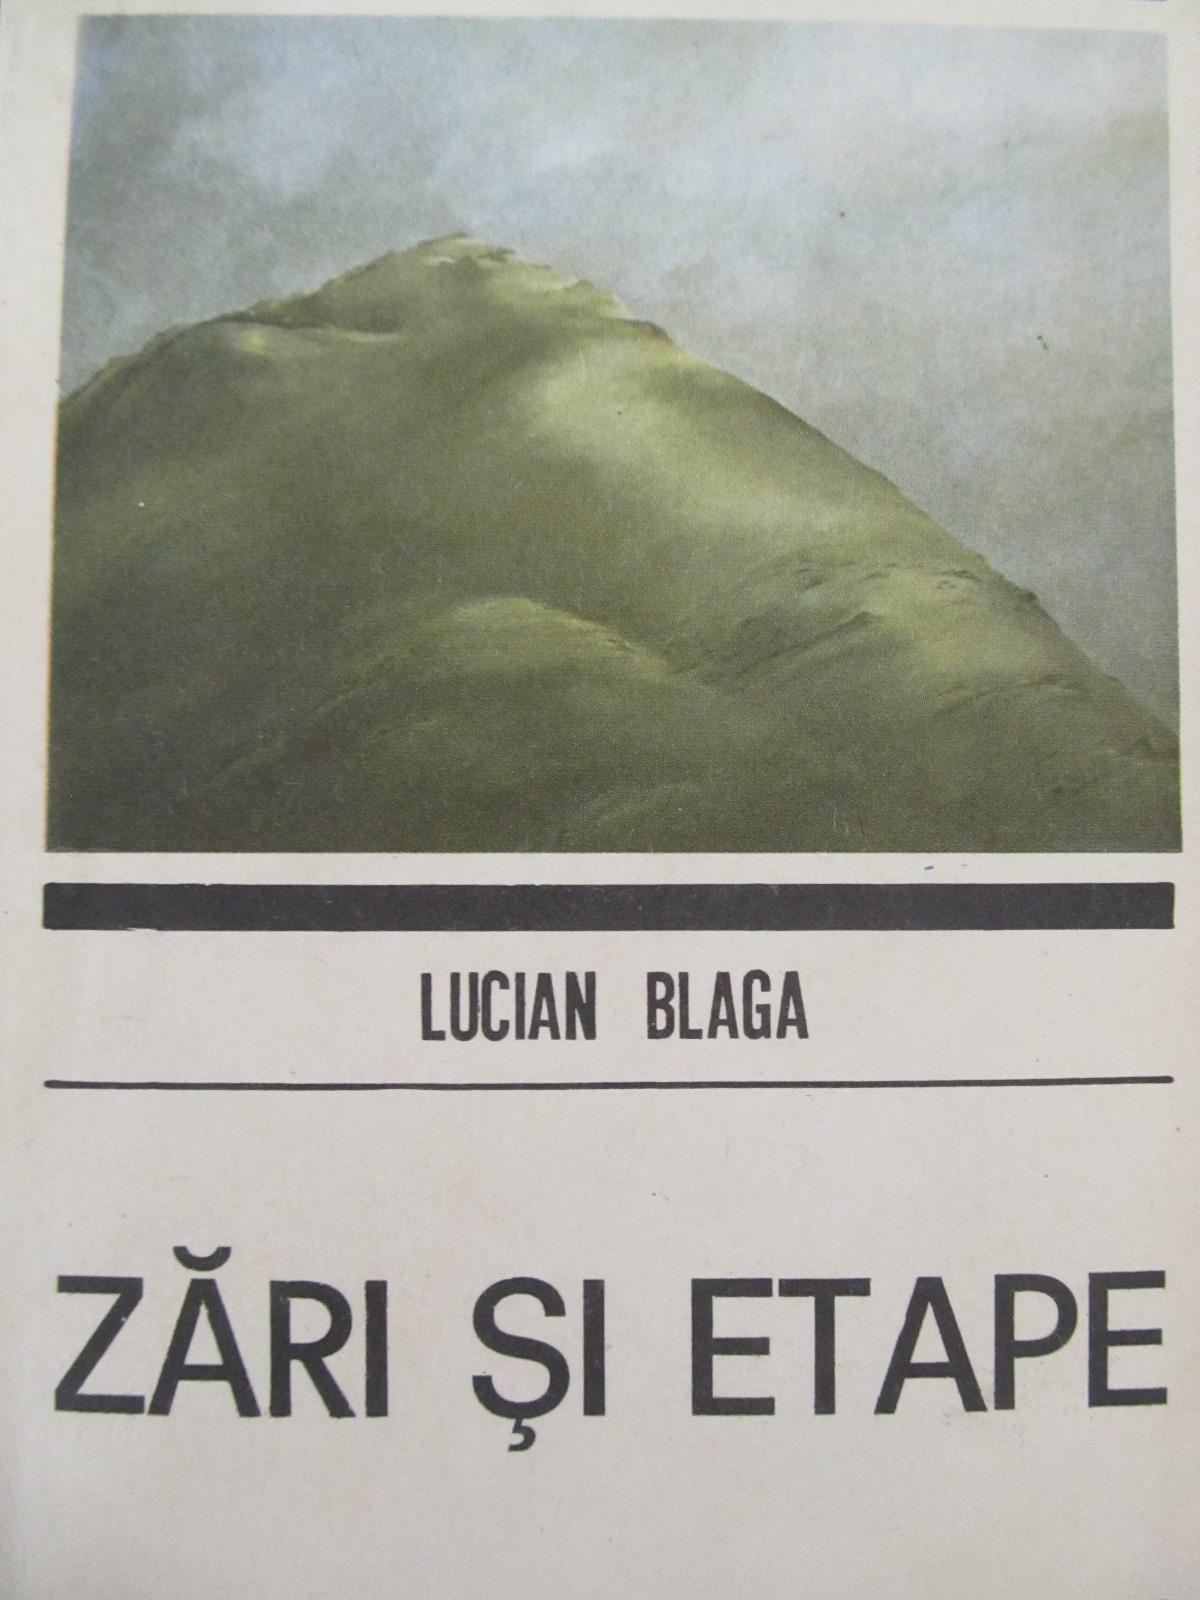 Carte Zari si etape - Lucian Blaga